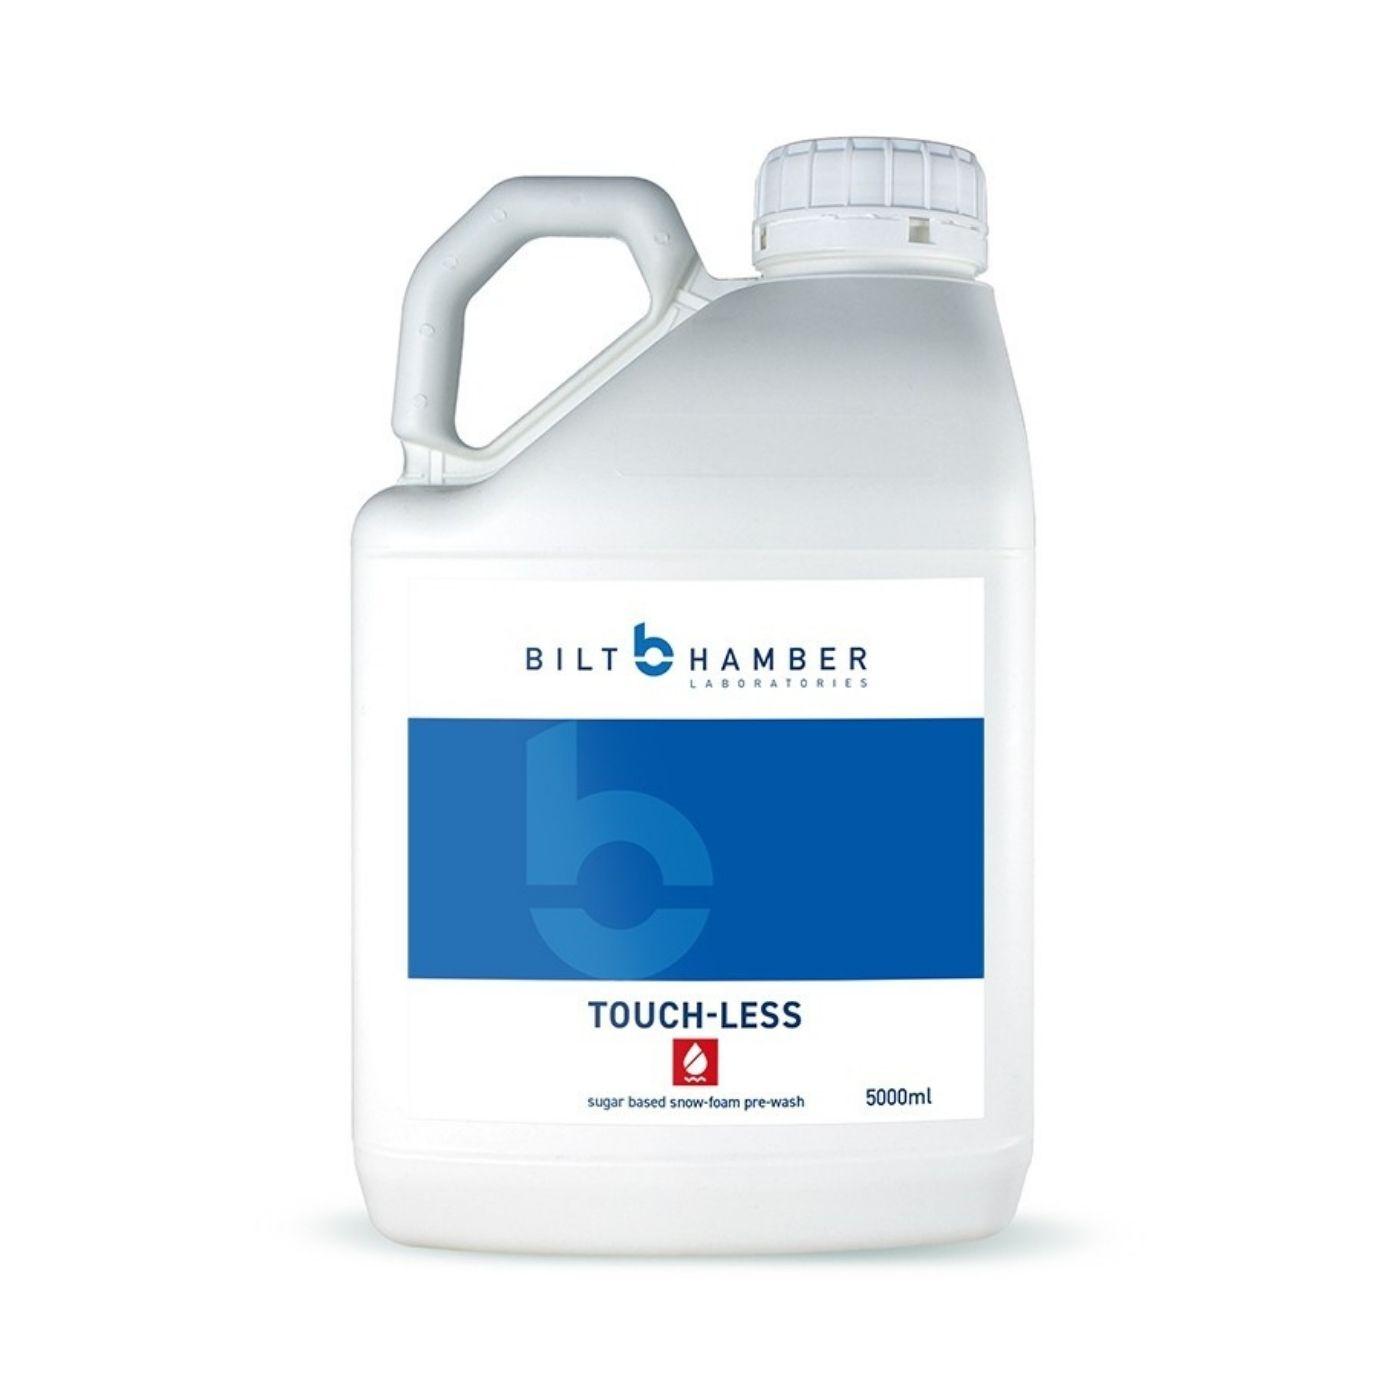 Förtvättsmedel Bilt Hamber Touch-Less, 5000 ml